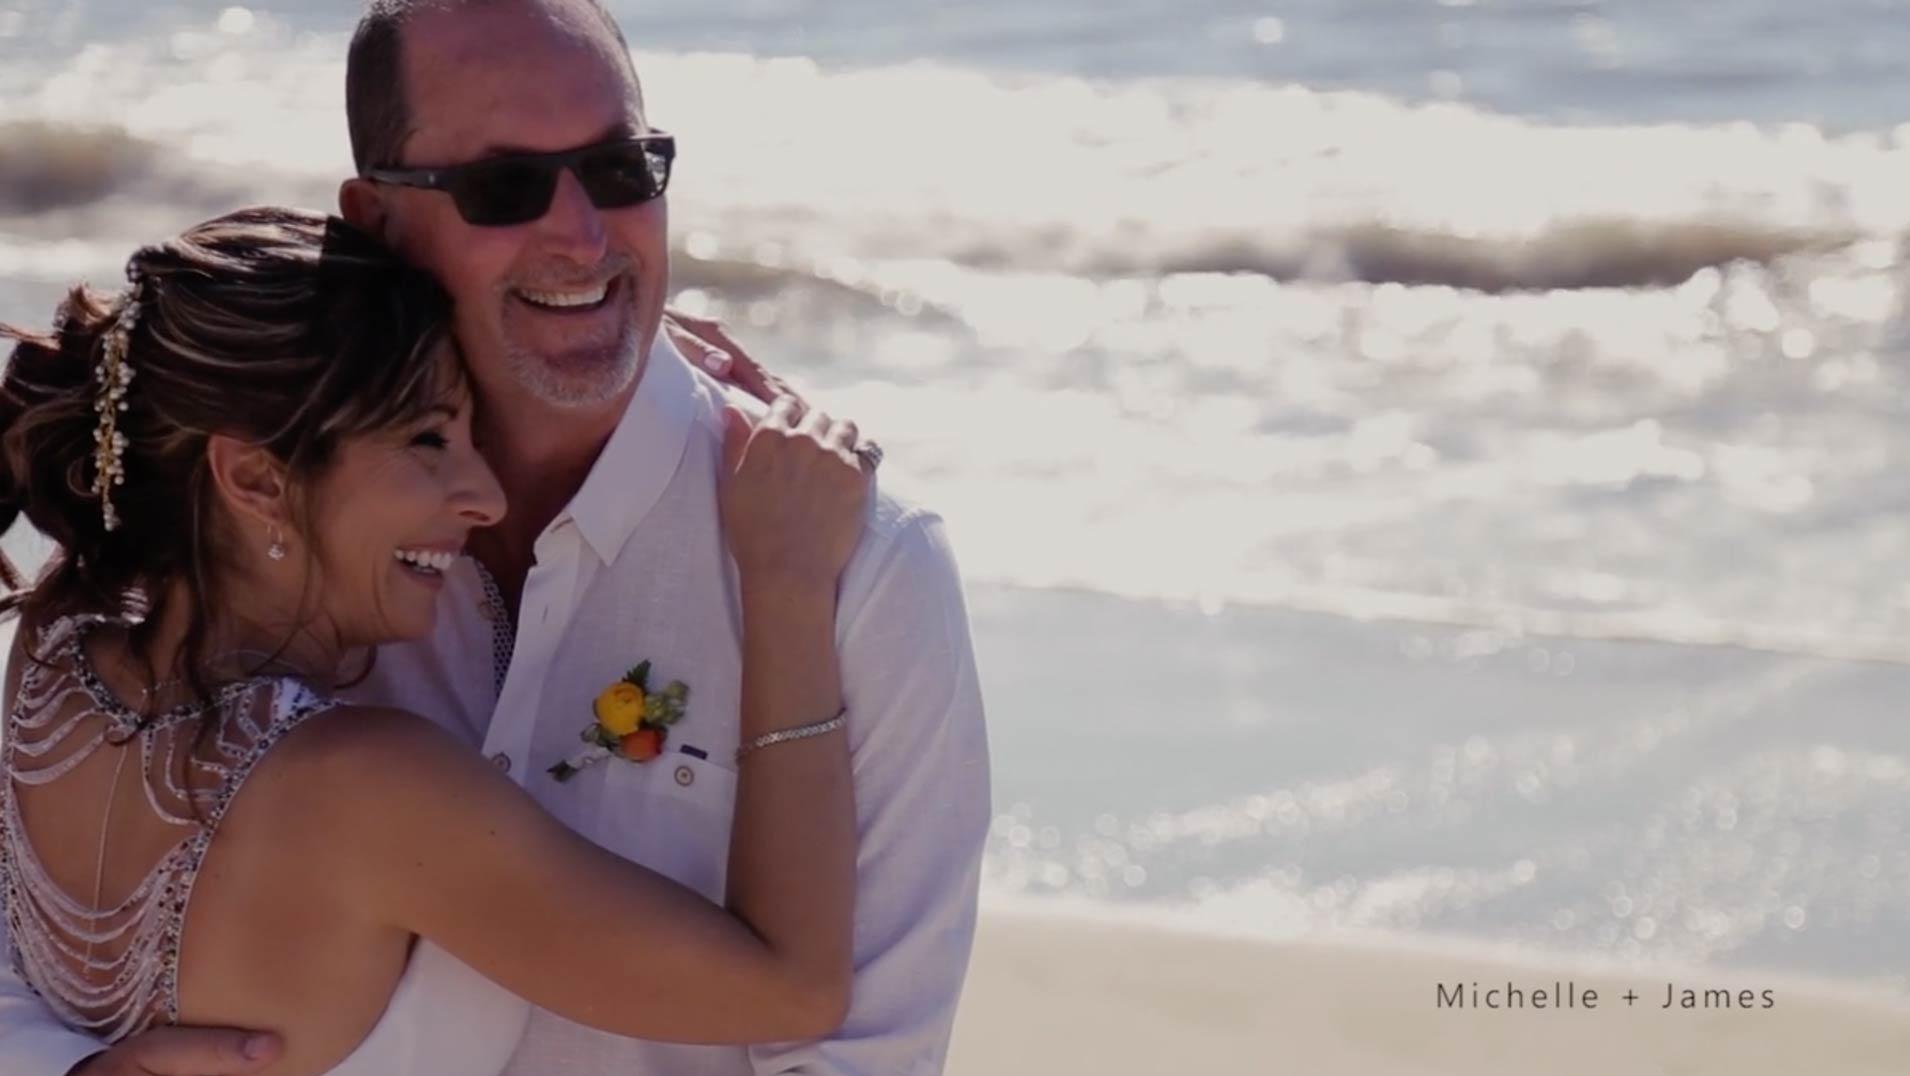 Michelle + James